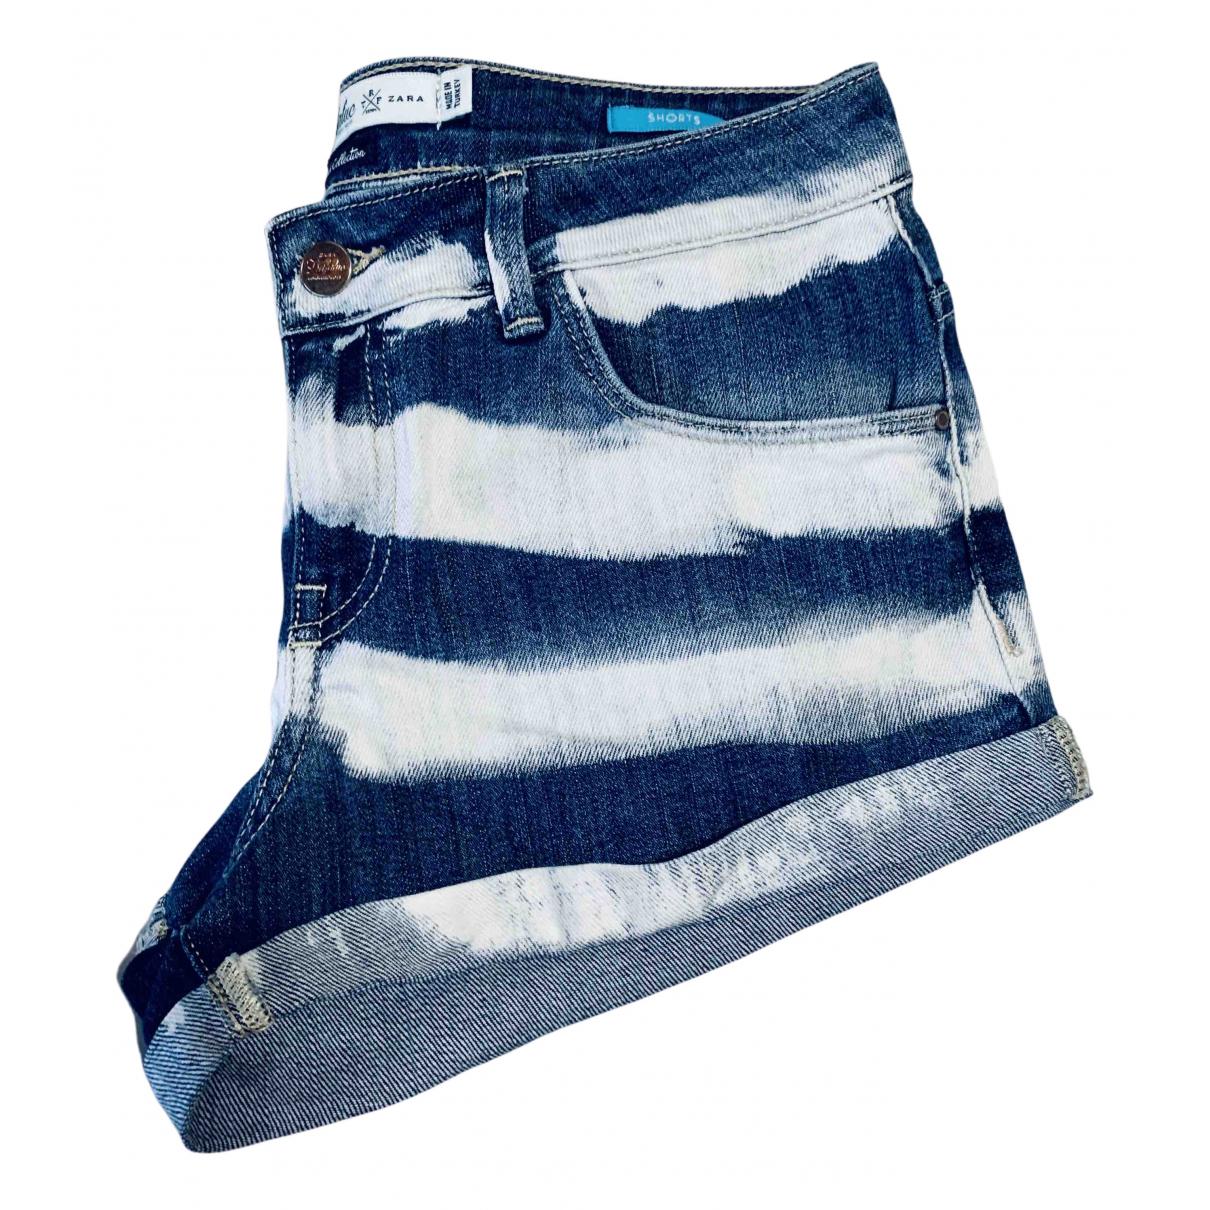 Zara N Blue Denim - Jeans Shorts for Women 34 FR